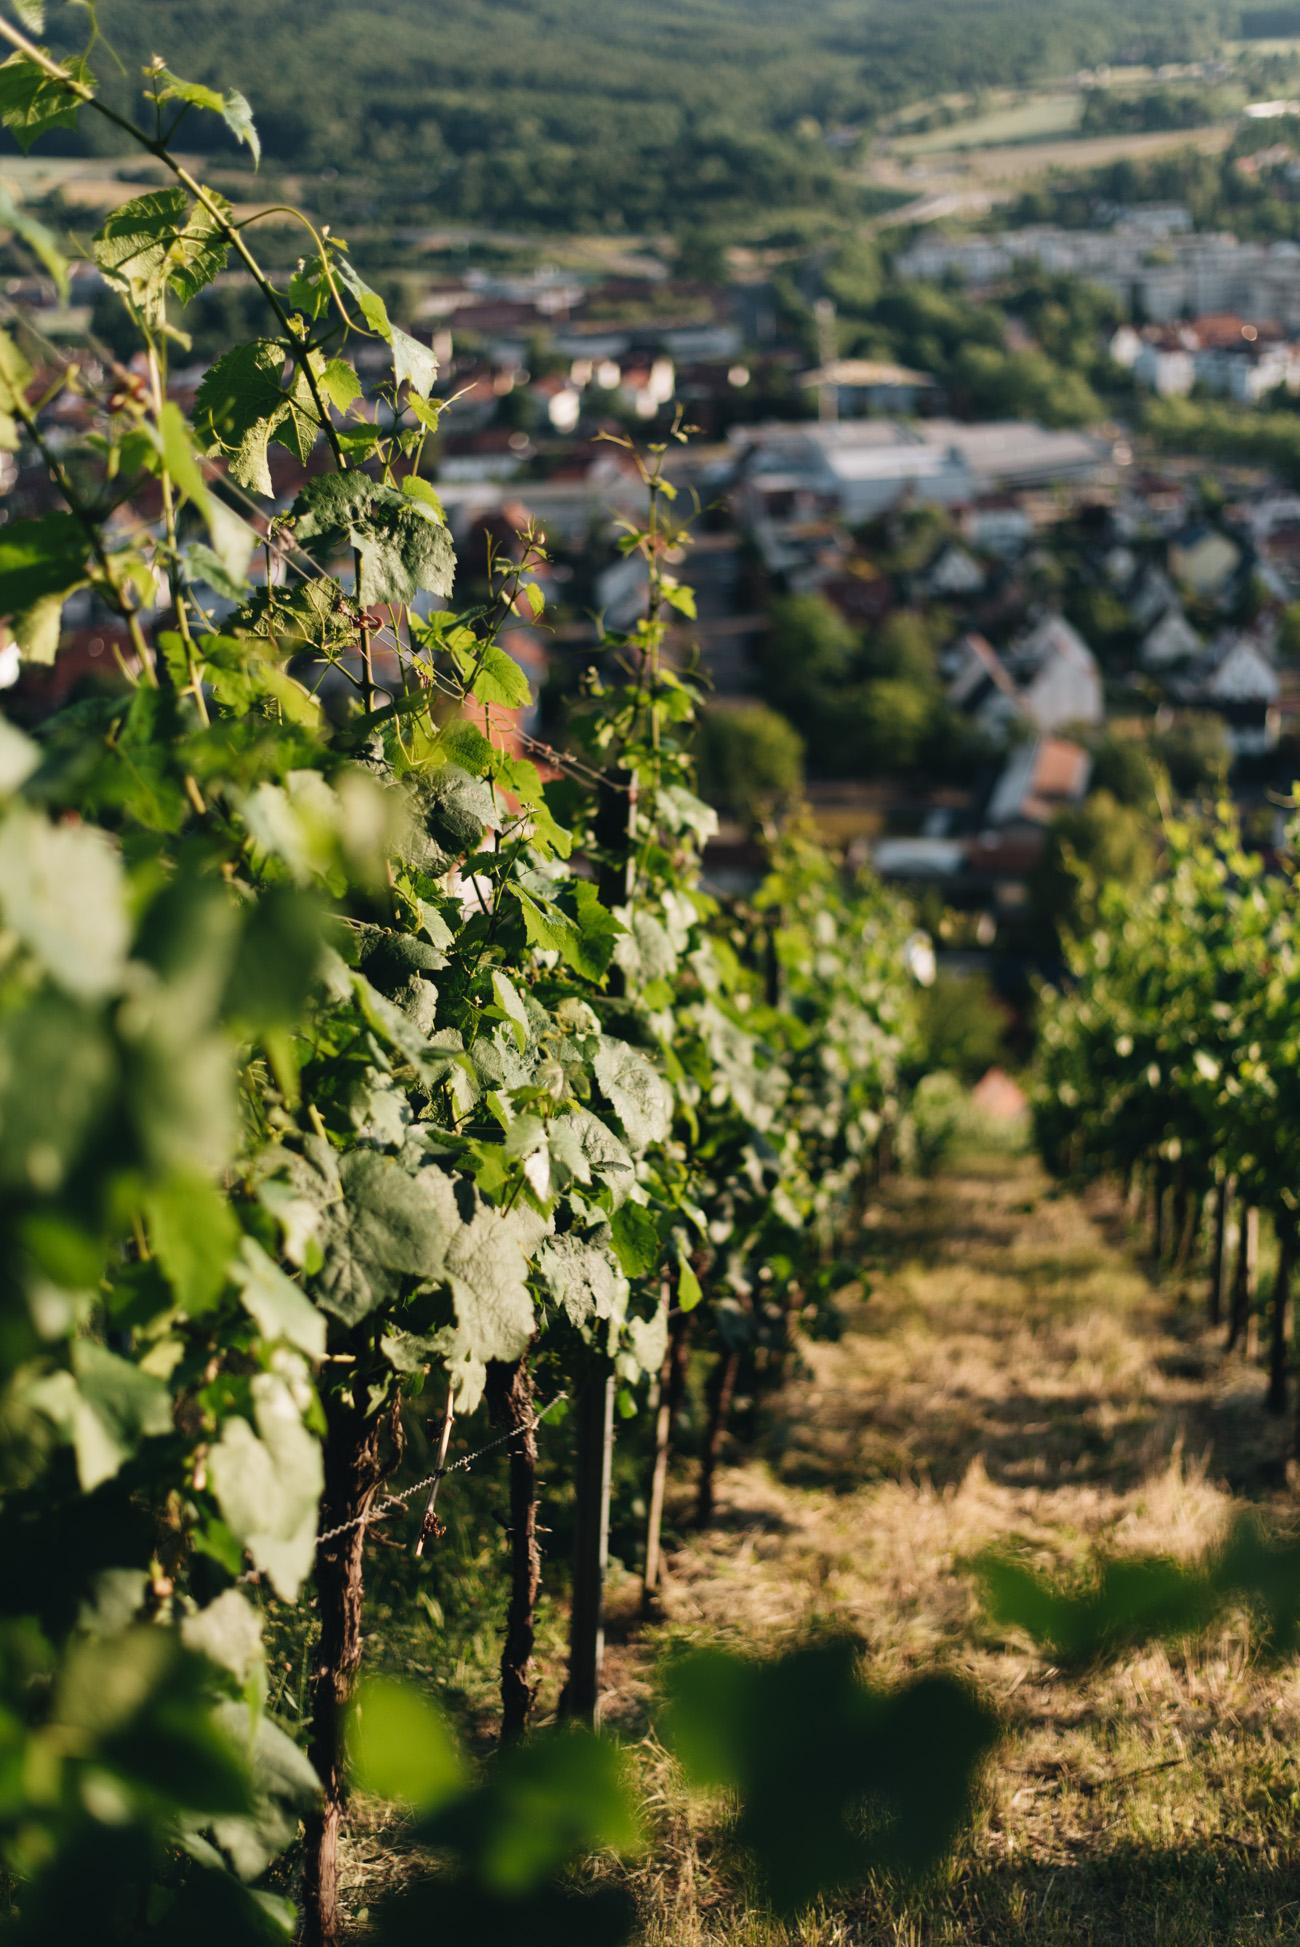 weinfelder-in-deutschland-metzingen-weinherstellung-baden-württemberg-weißwein-herstellung-fashiioncarpet